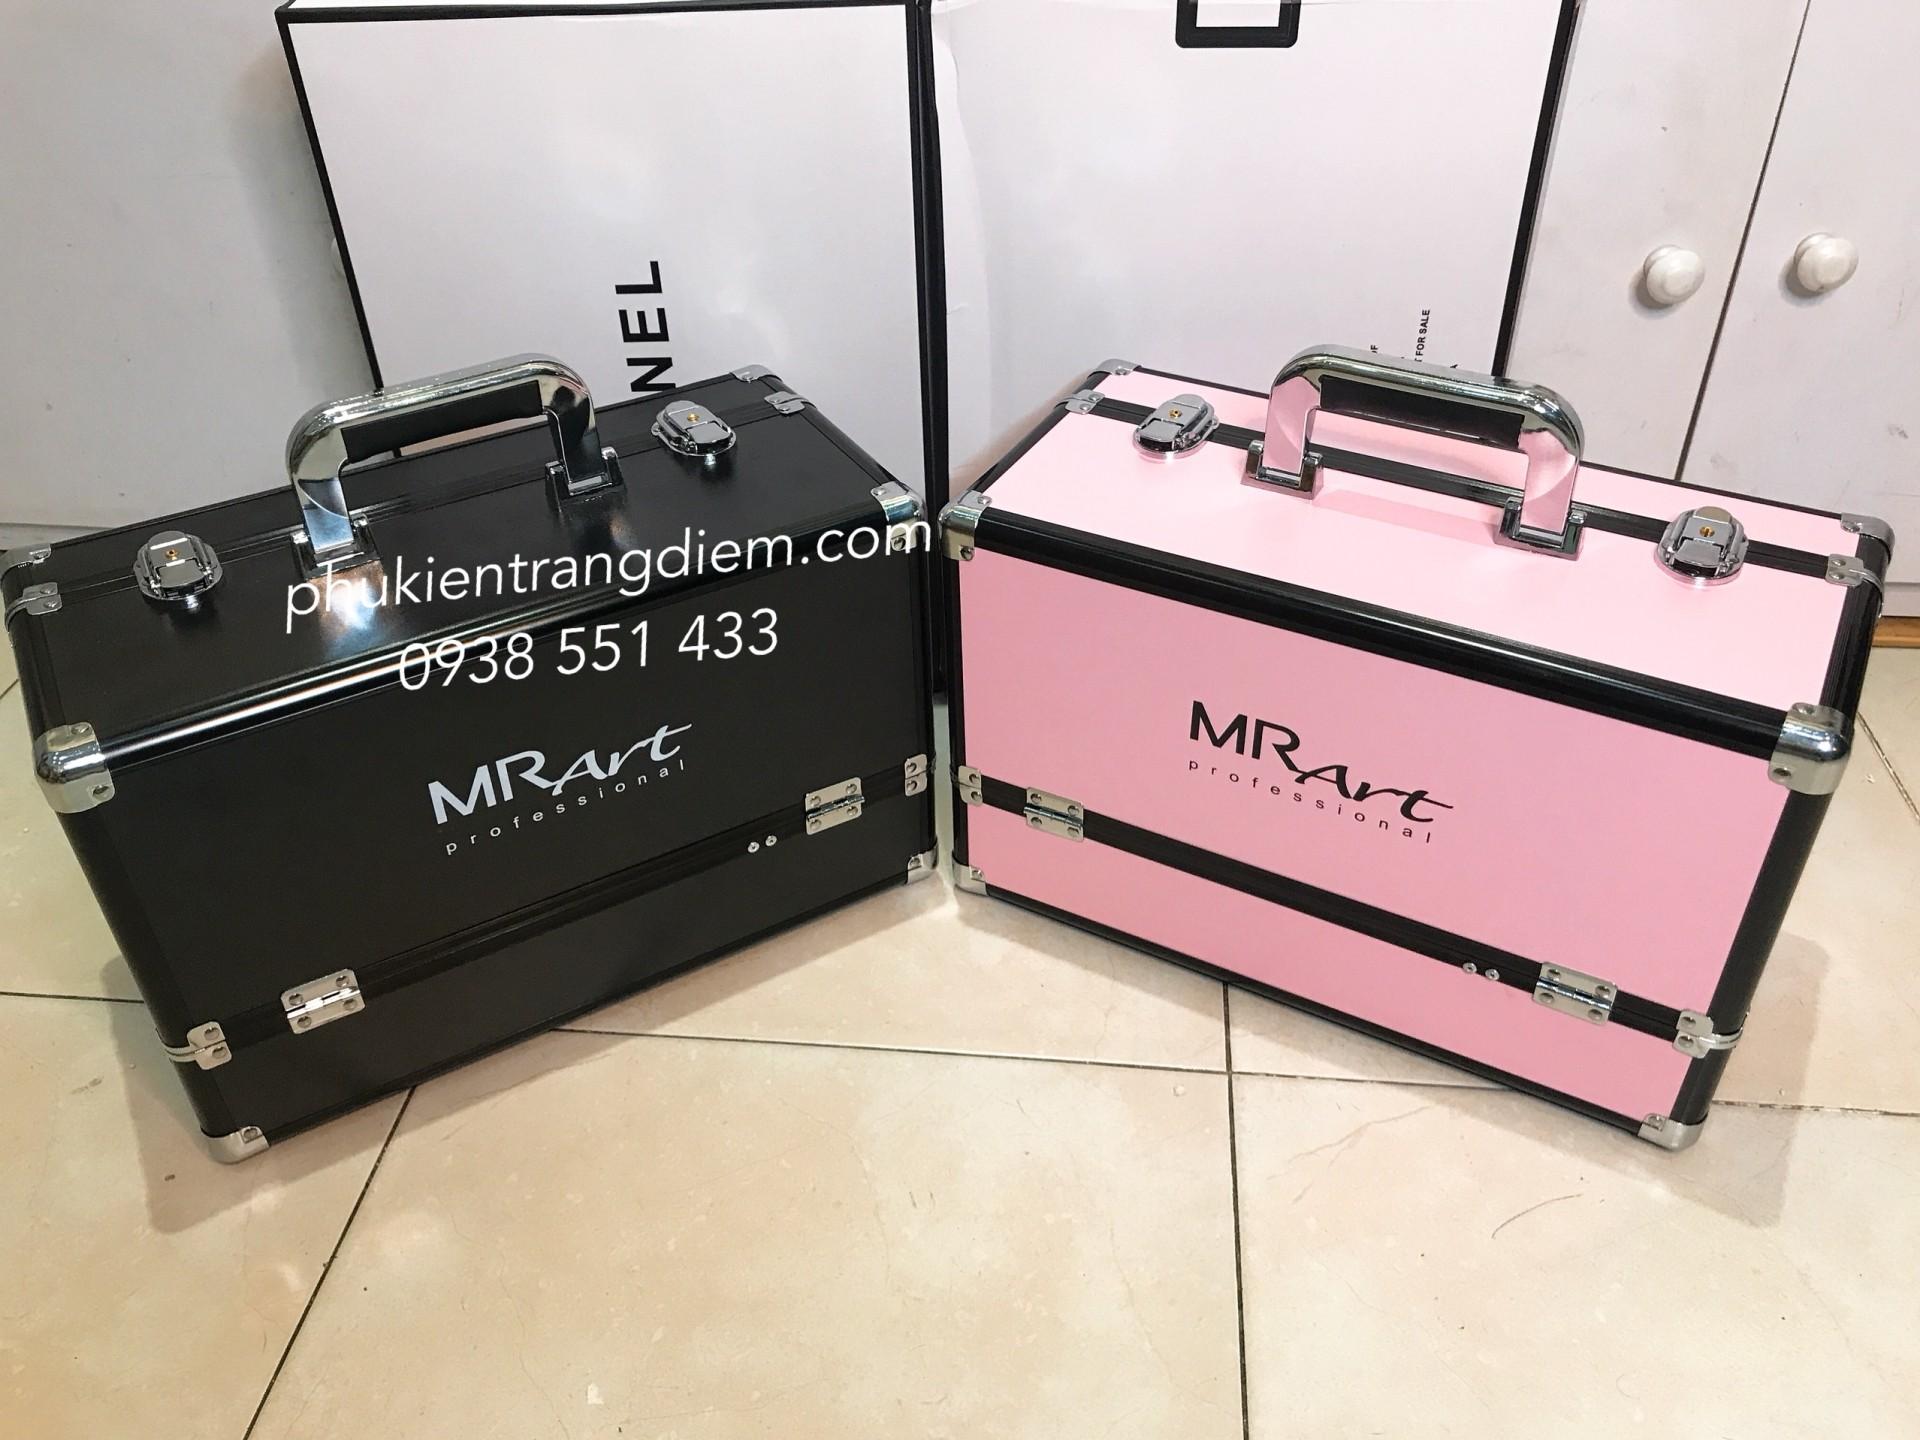 cốp thùng trang điểm màu hồng chuyên nghiệp giá rẻ tphcm